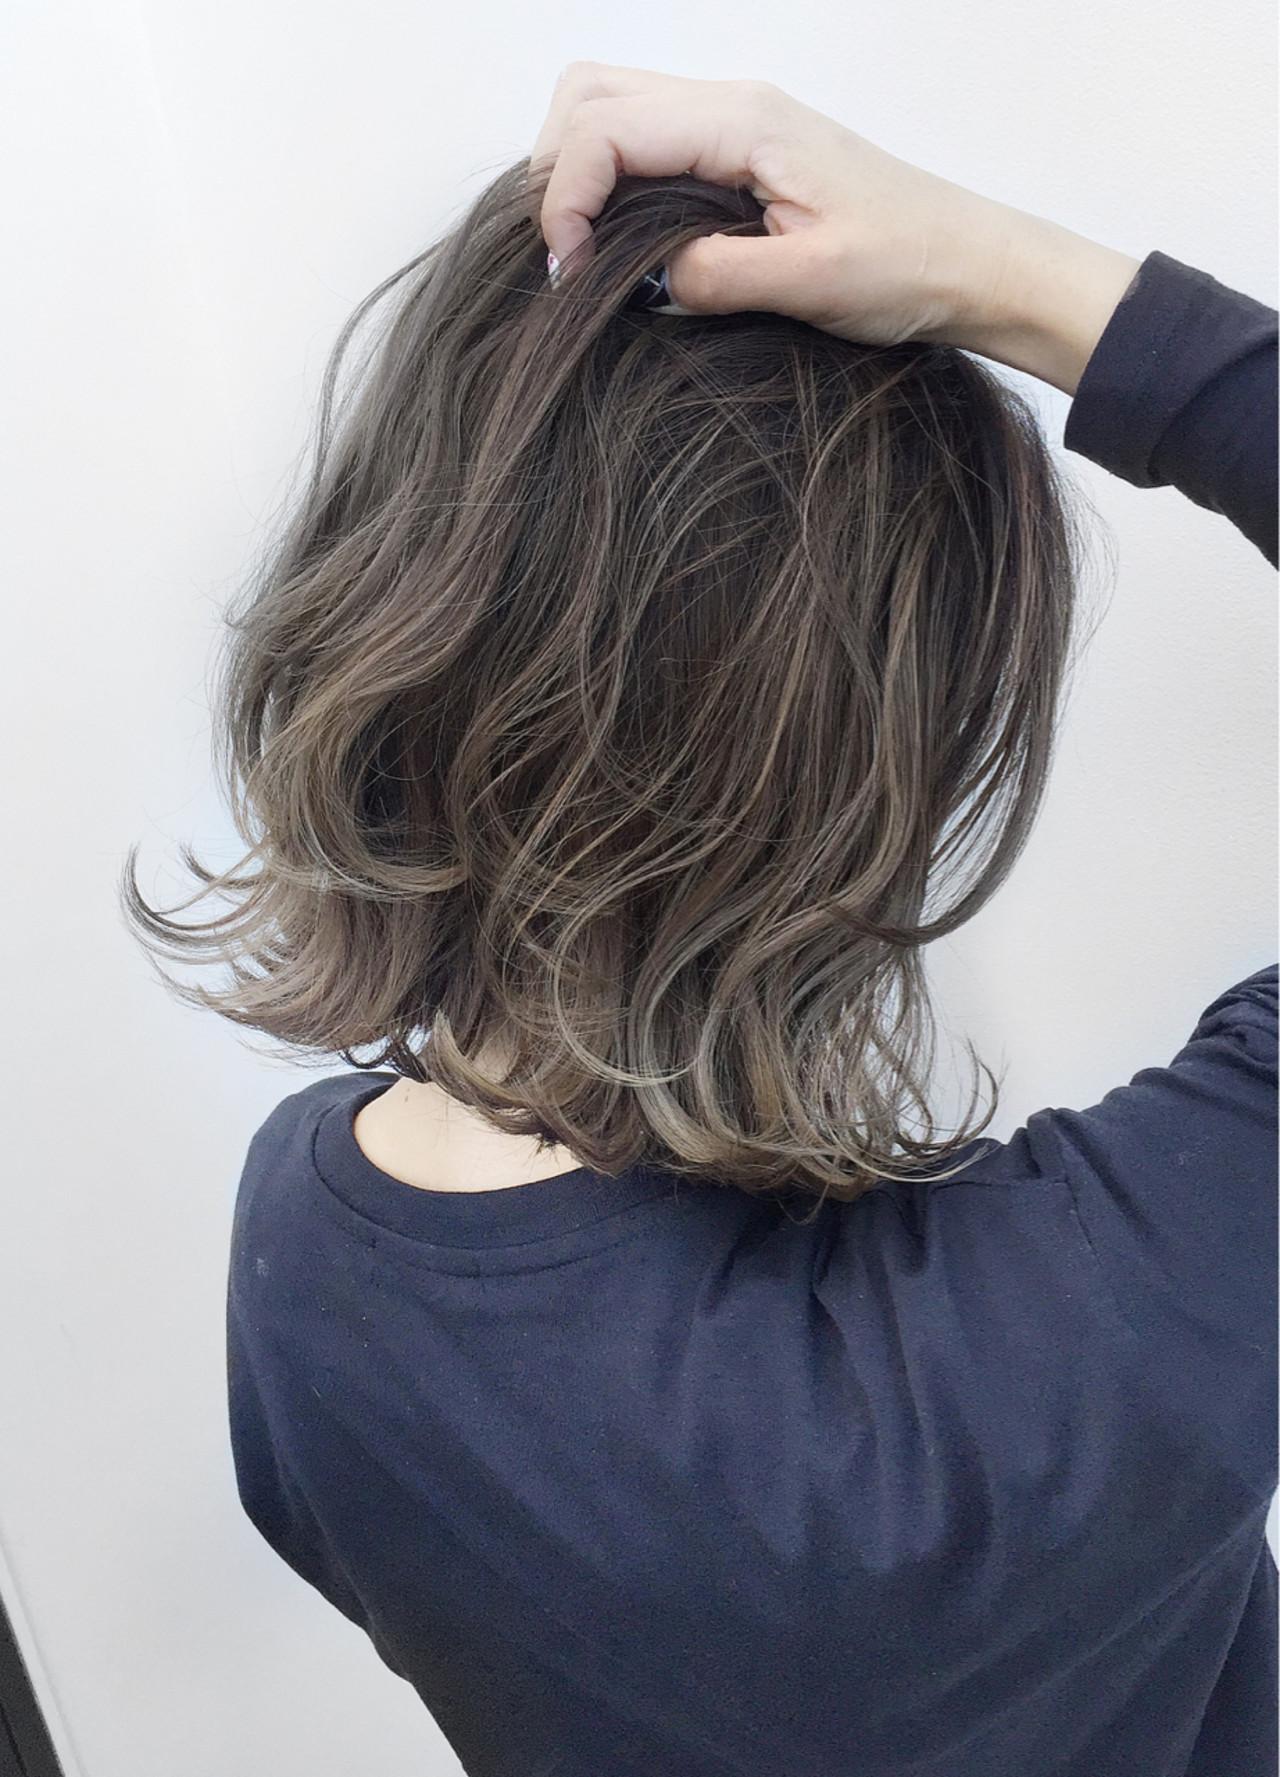 ハイライト 外国人風 バレイヤージュ こなれ感 ヘアスタイルや髪型の写真・画像